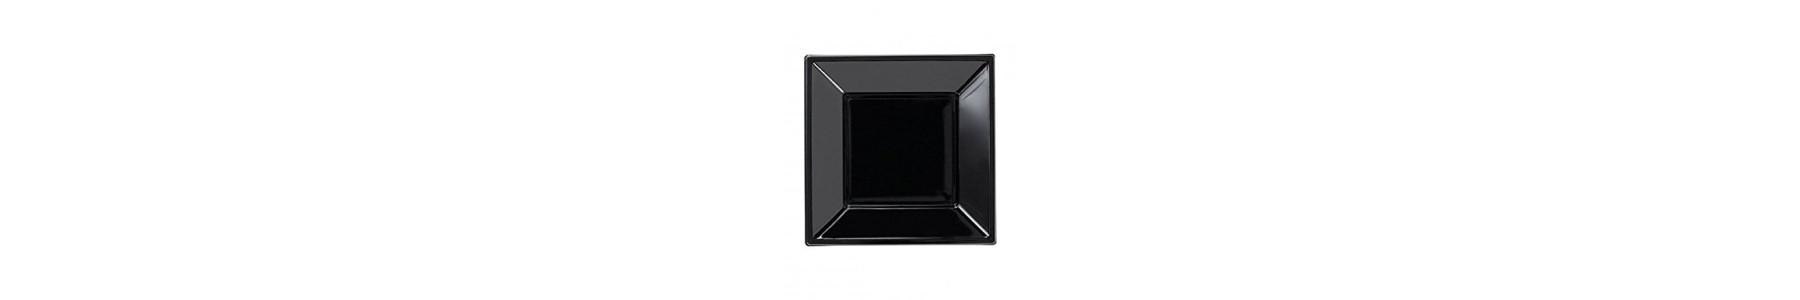 Colectia de articole din plastic Modus Vivendi negru